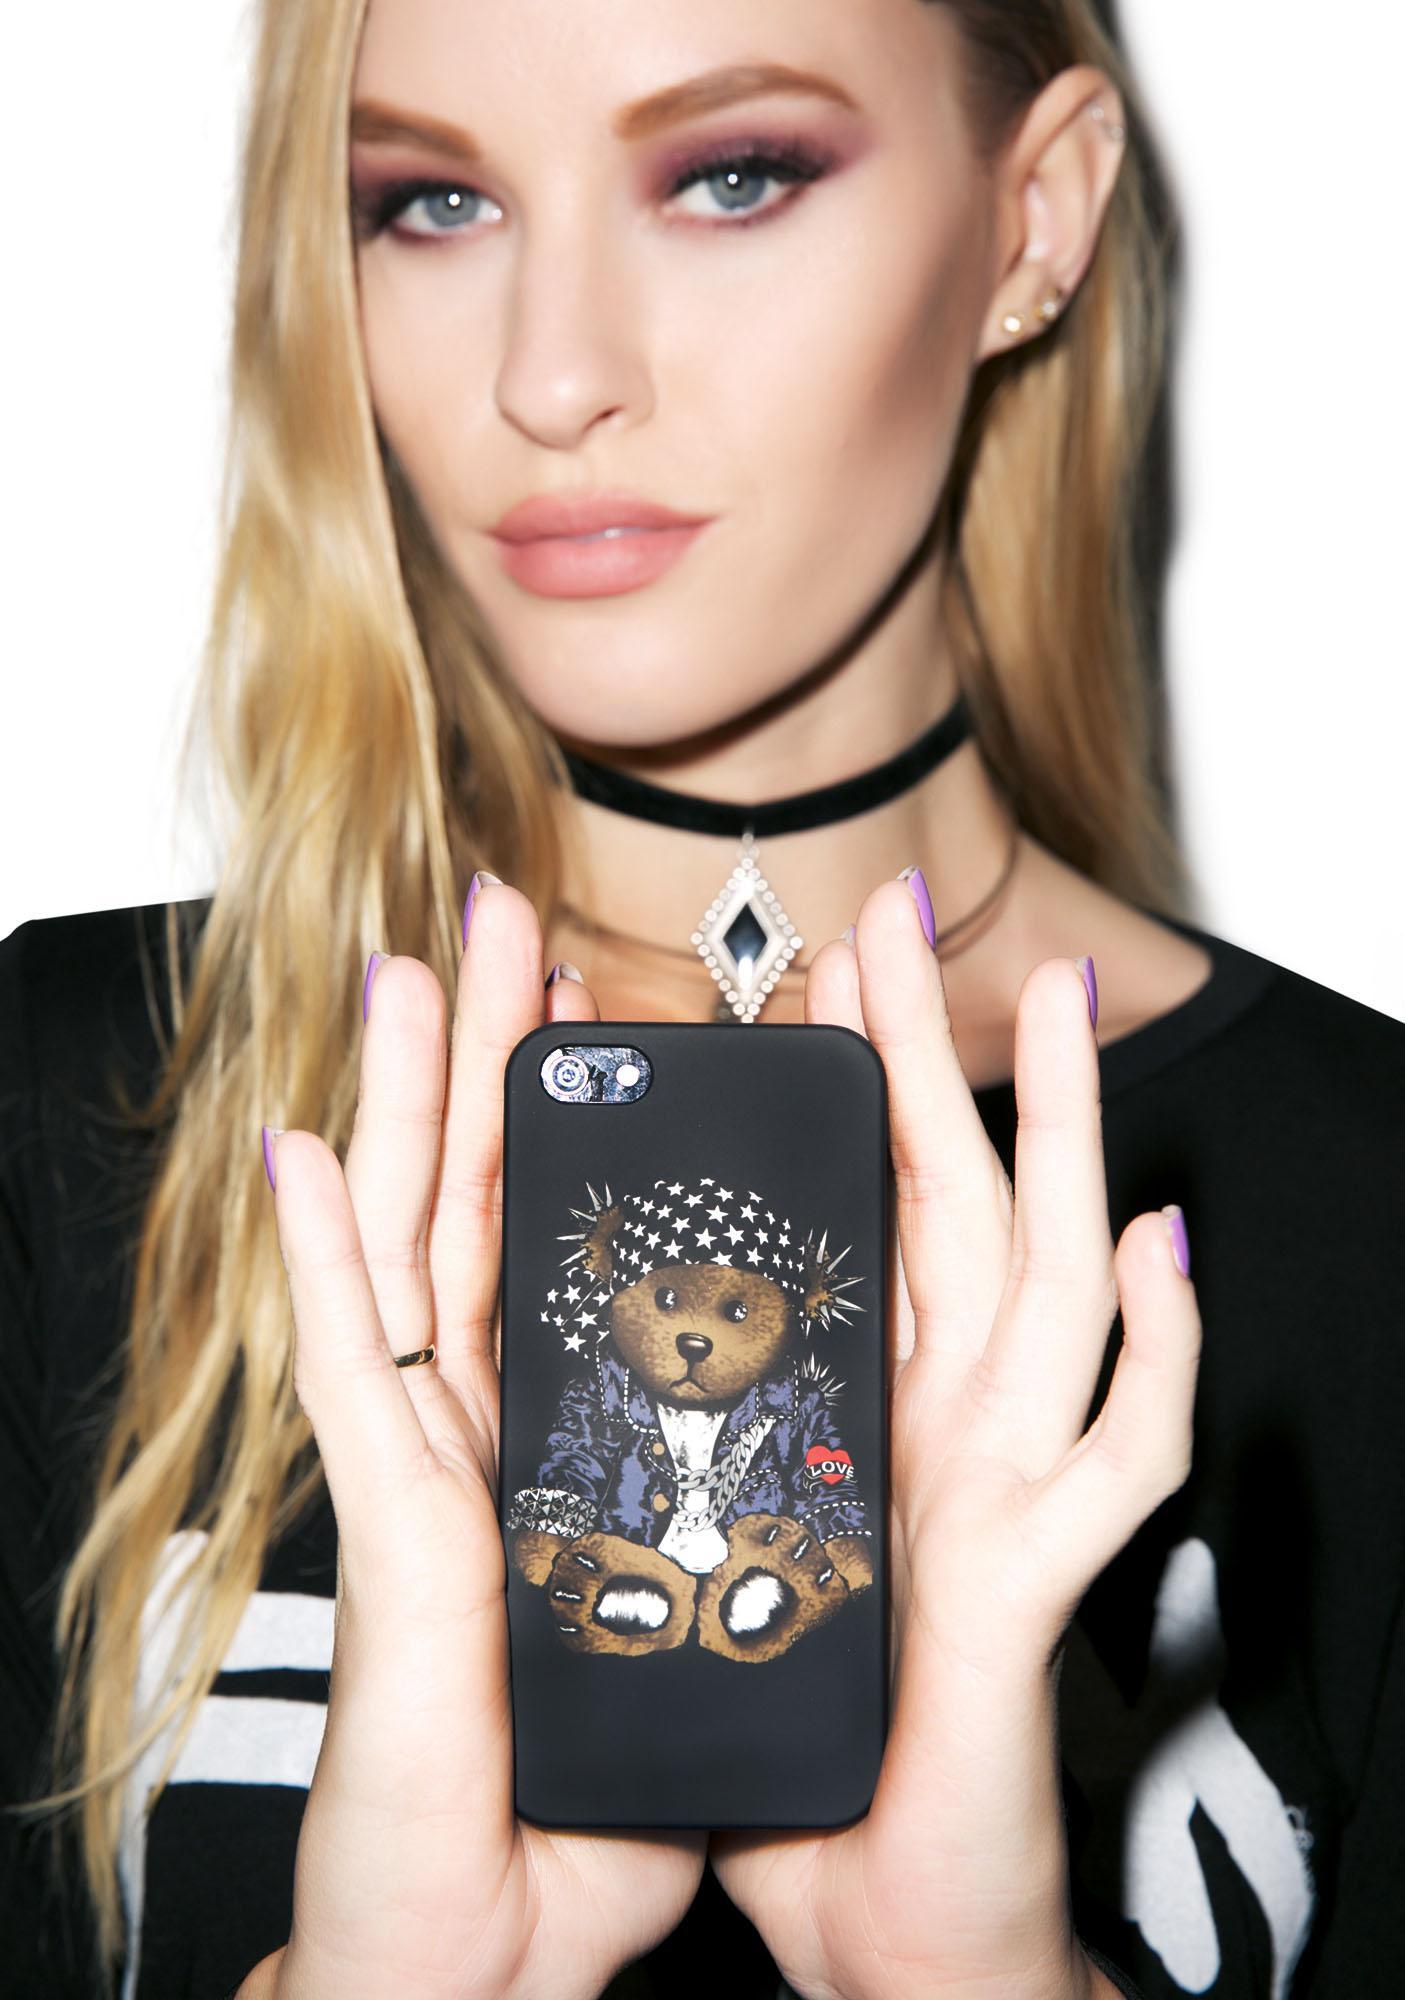 Kayleigh Peddie Rocker Teddy iPhone 5 Case